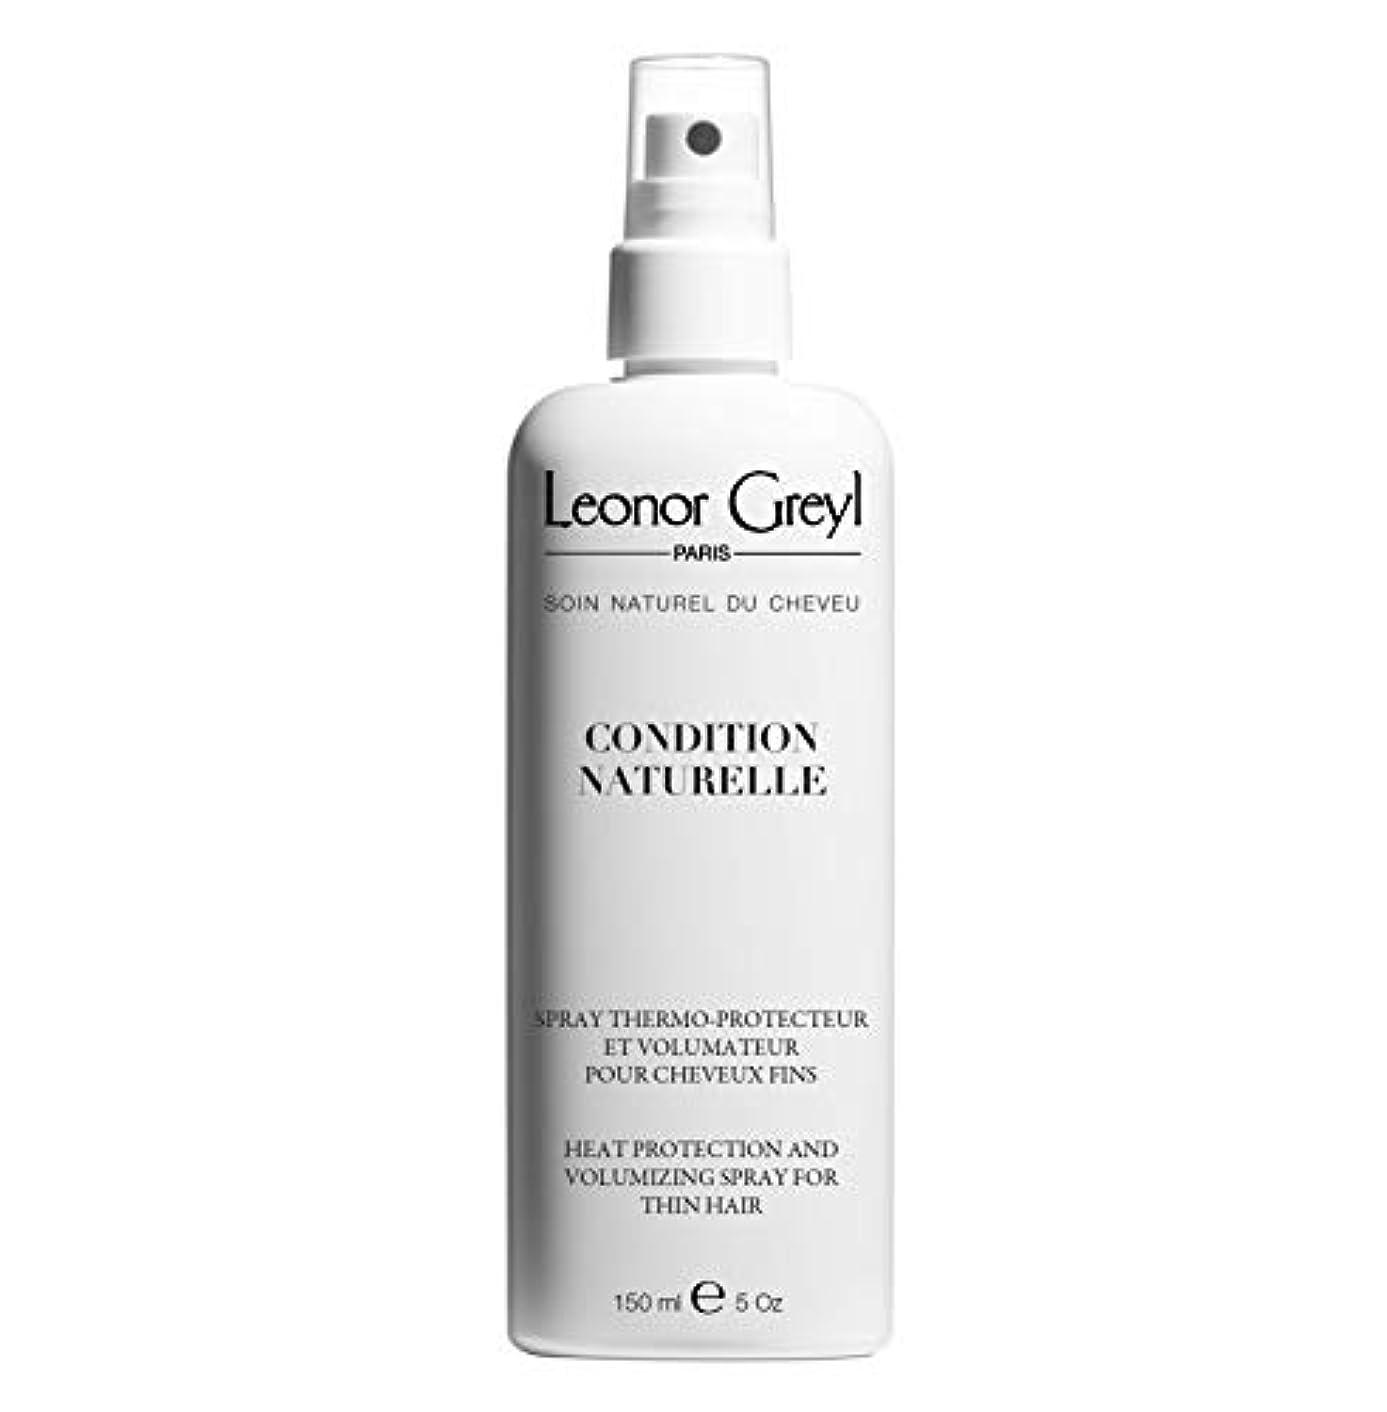 気を散らす入札おめでとうLeonor Greyl Paris コンディションNaturelle - 熱は保護とボリューム化は薄い髪、5.2オンスのためのスプレー。